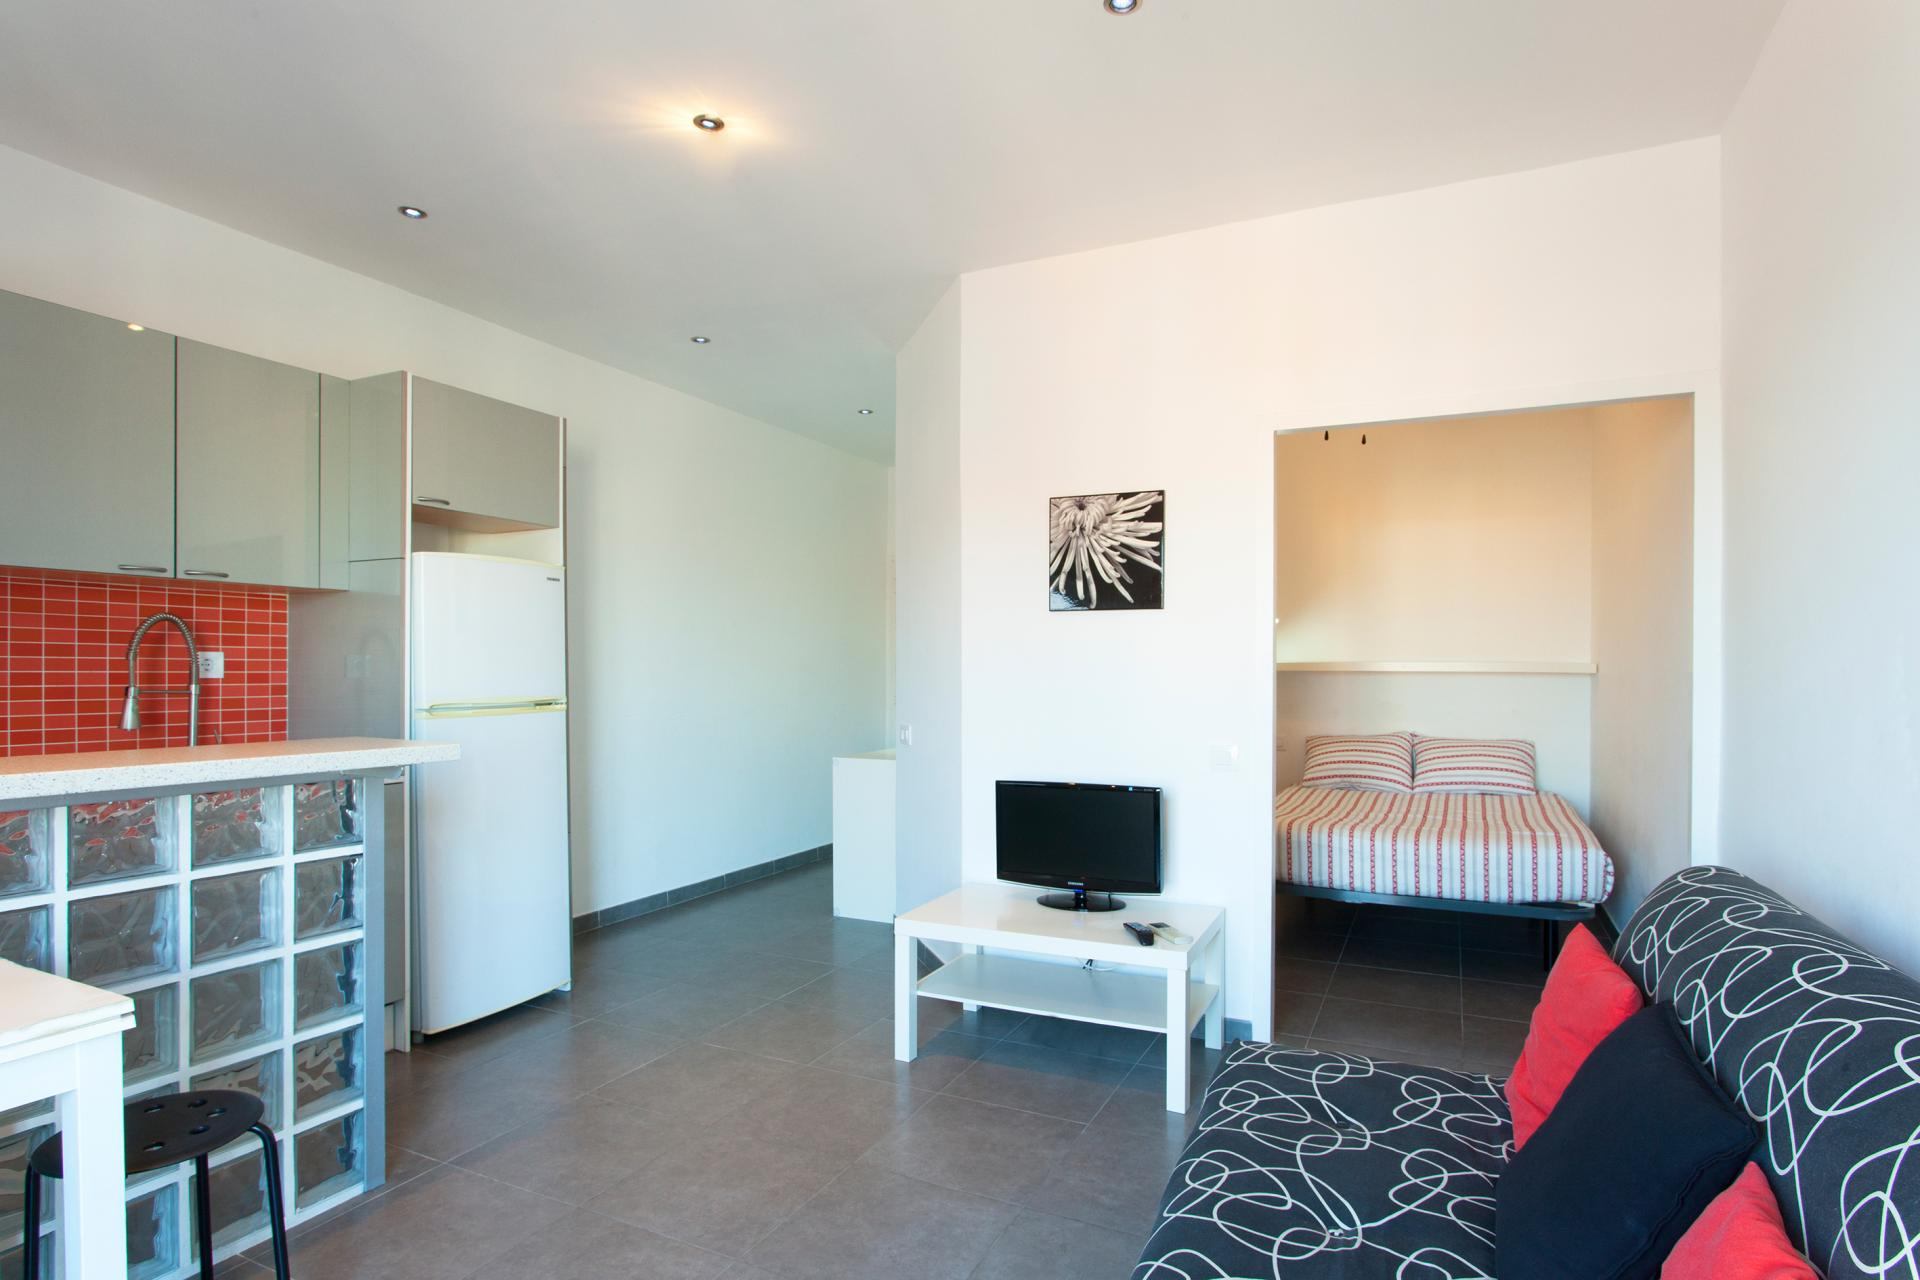 Appartement vendre barcelone sant mart napols con licencia tur stica - Appartements a vendre a barcelone ...